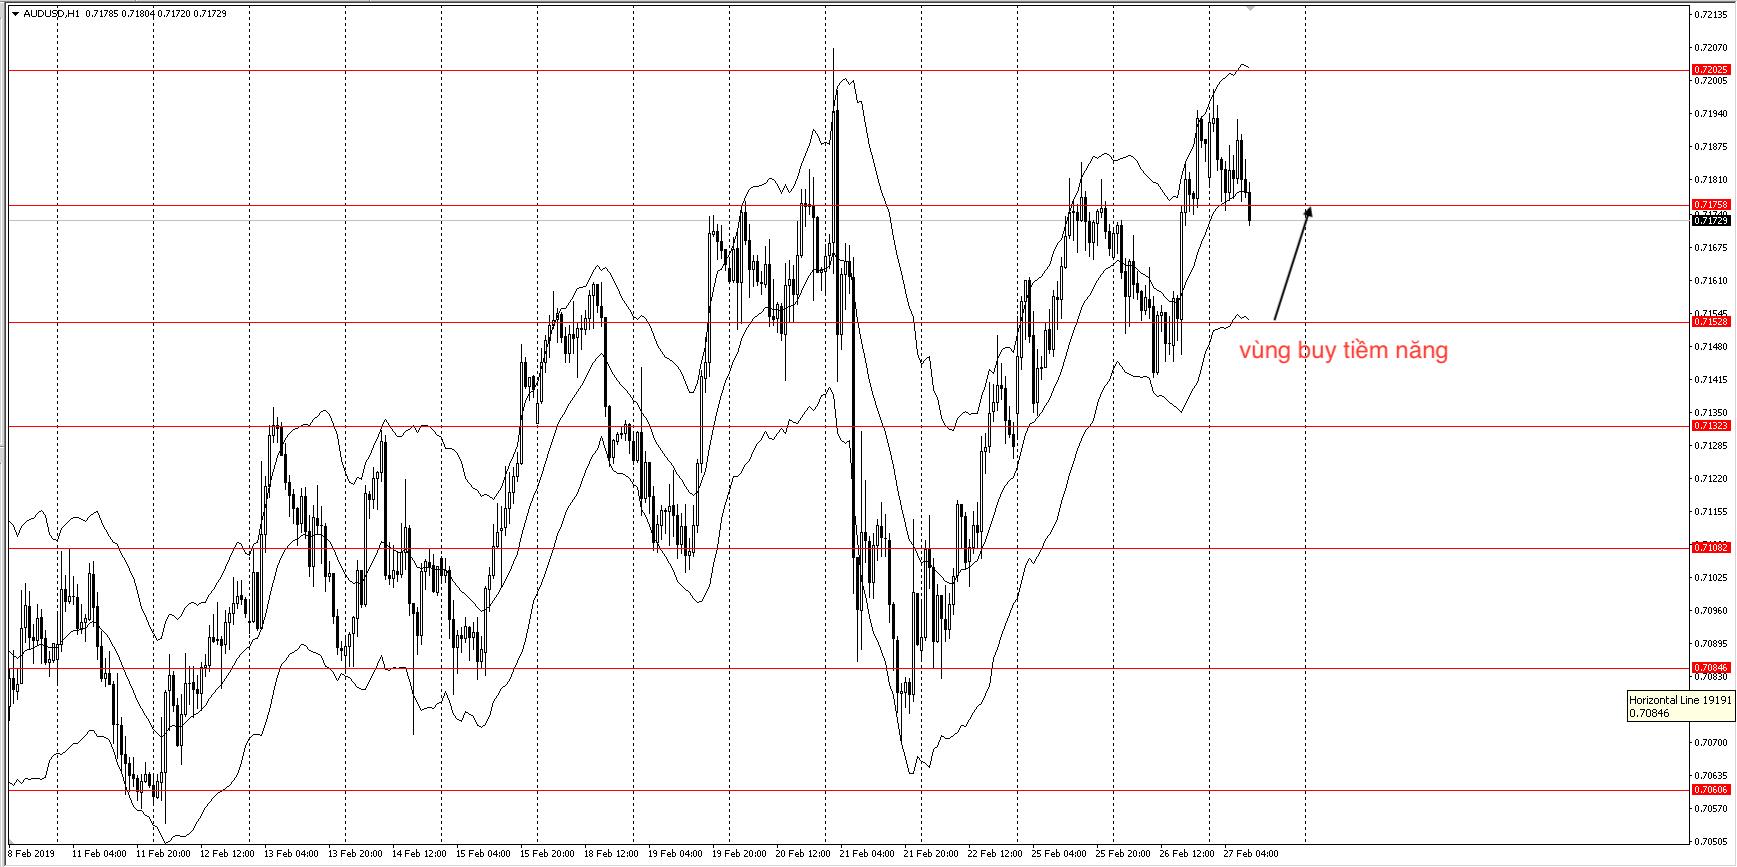 phan-tich-chart-traderviet3.